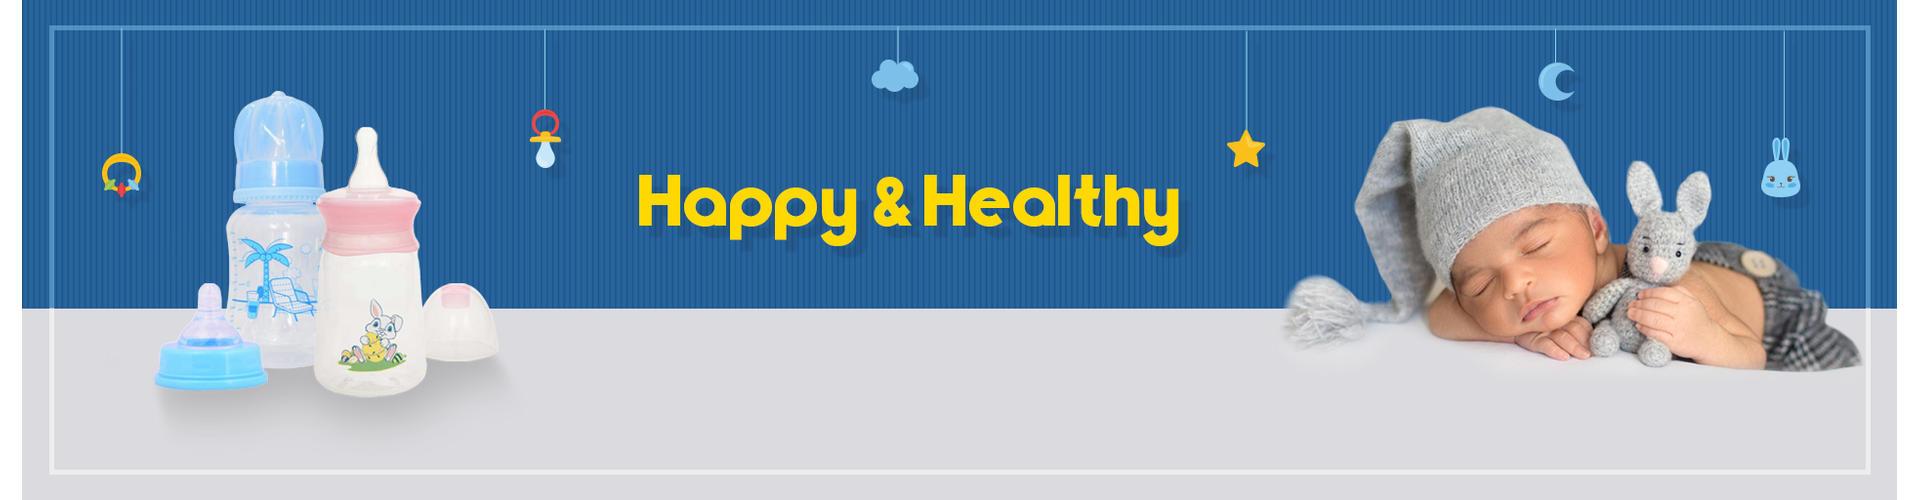 HEALTH & FEEDING